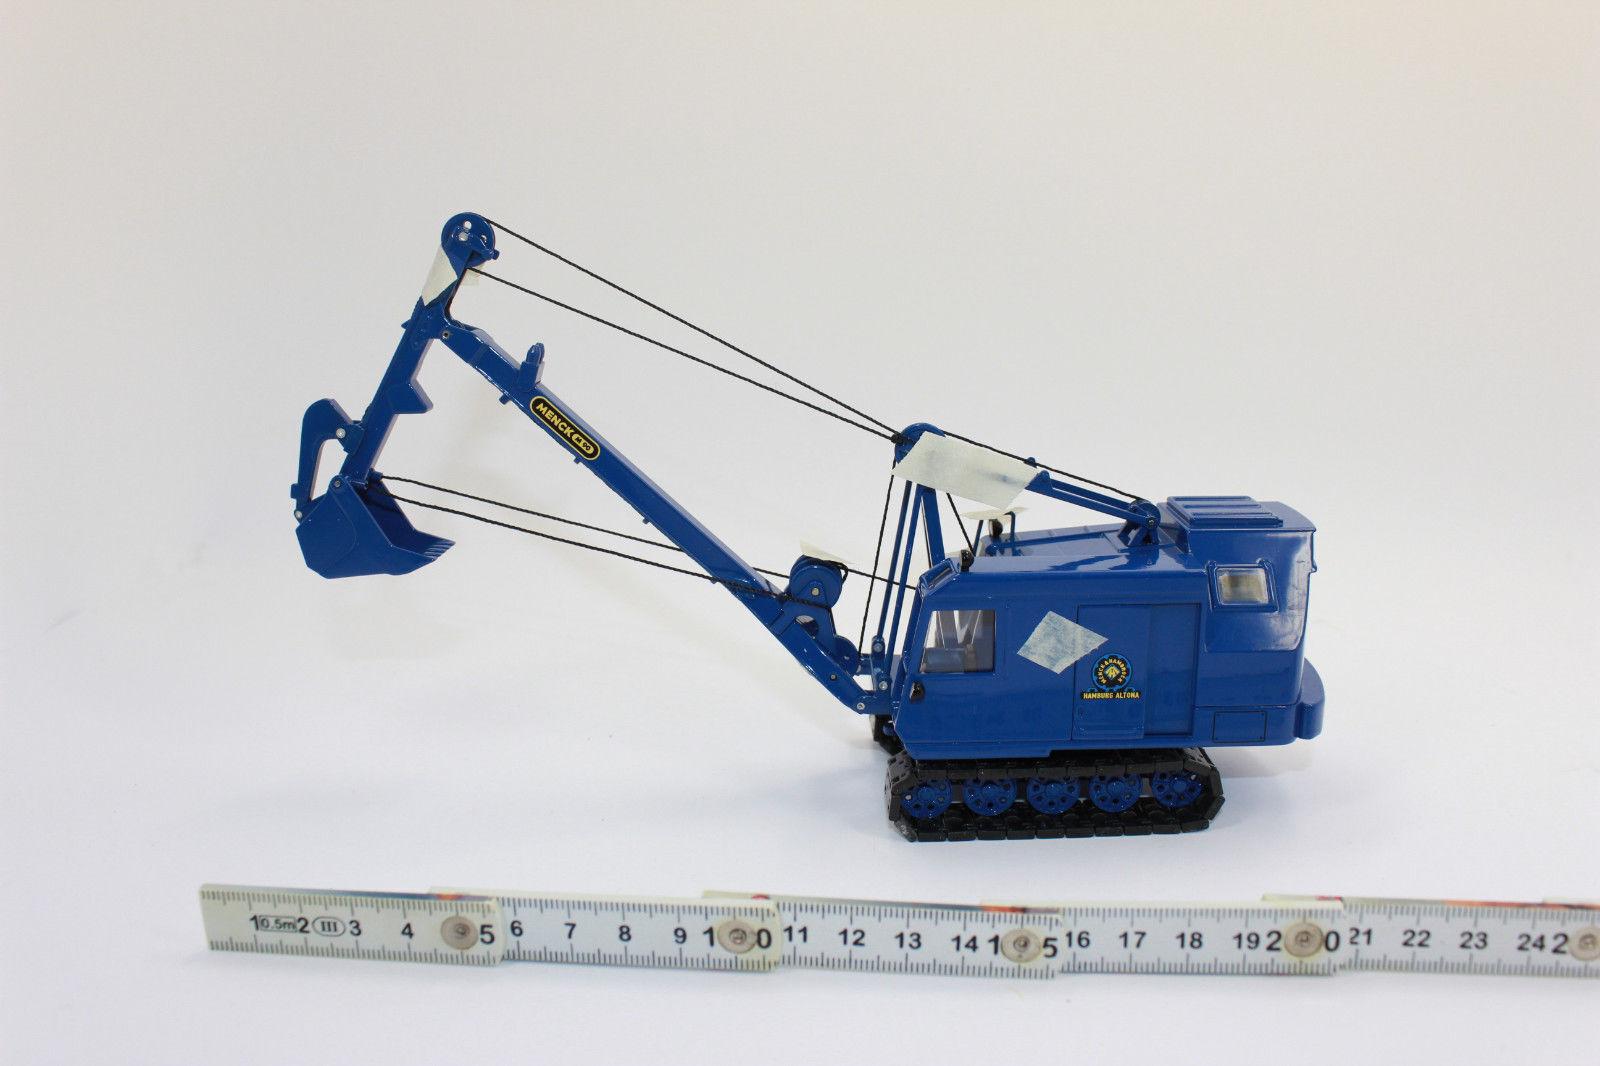 Xx Nzg 485 Meneghini M 90 Tieflöffelbagger Escavatore 1 50 Nuovi in Conf. Orig.